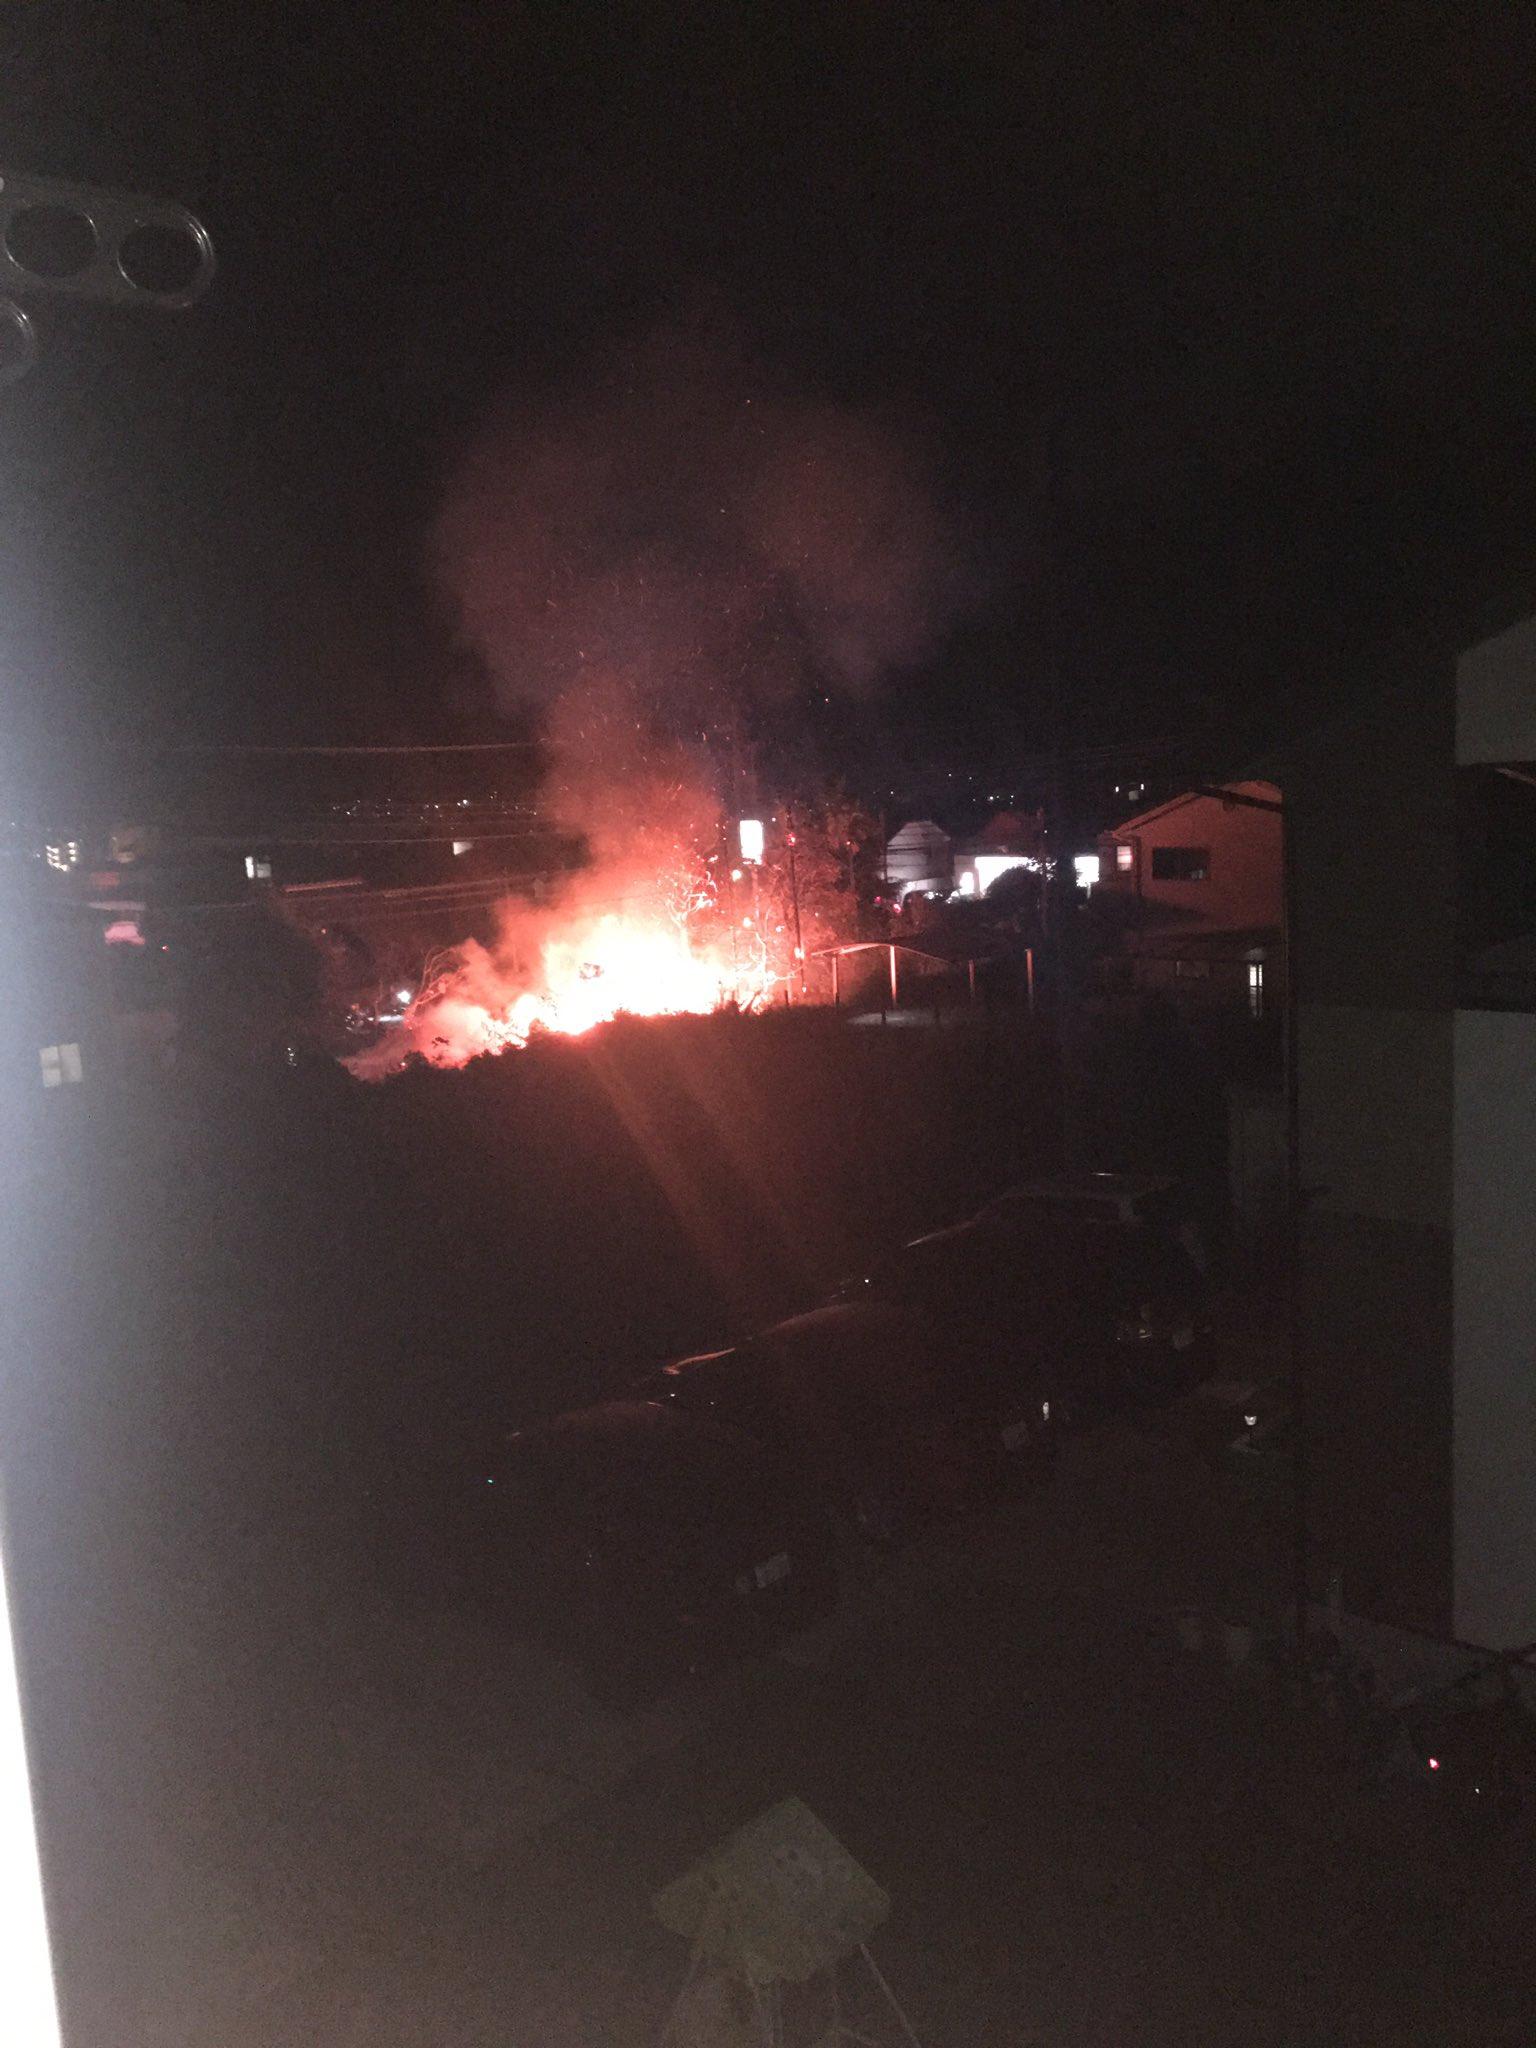 画像,アパート目の前?で火事 https://t.co/lfG5Pskhk5。